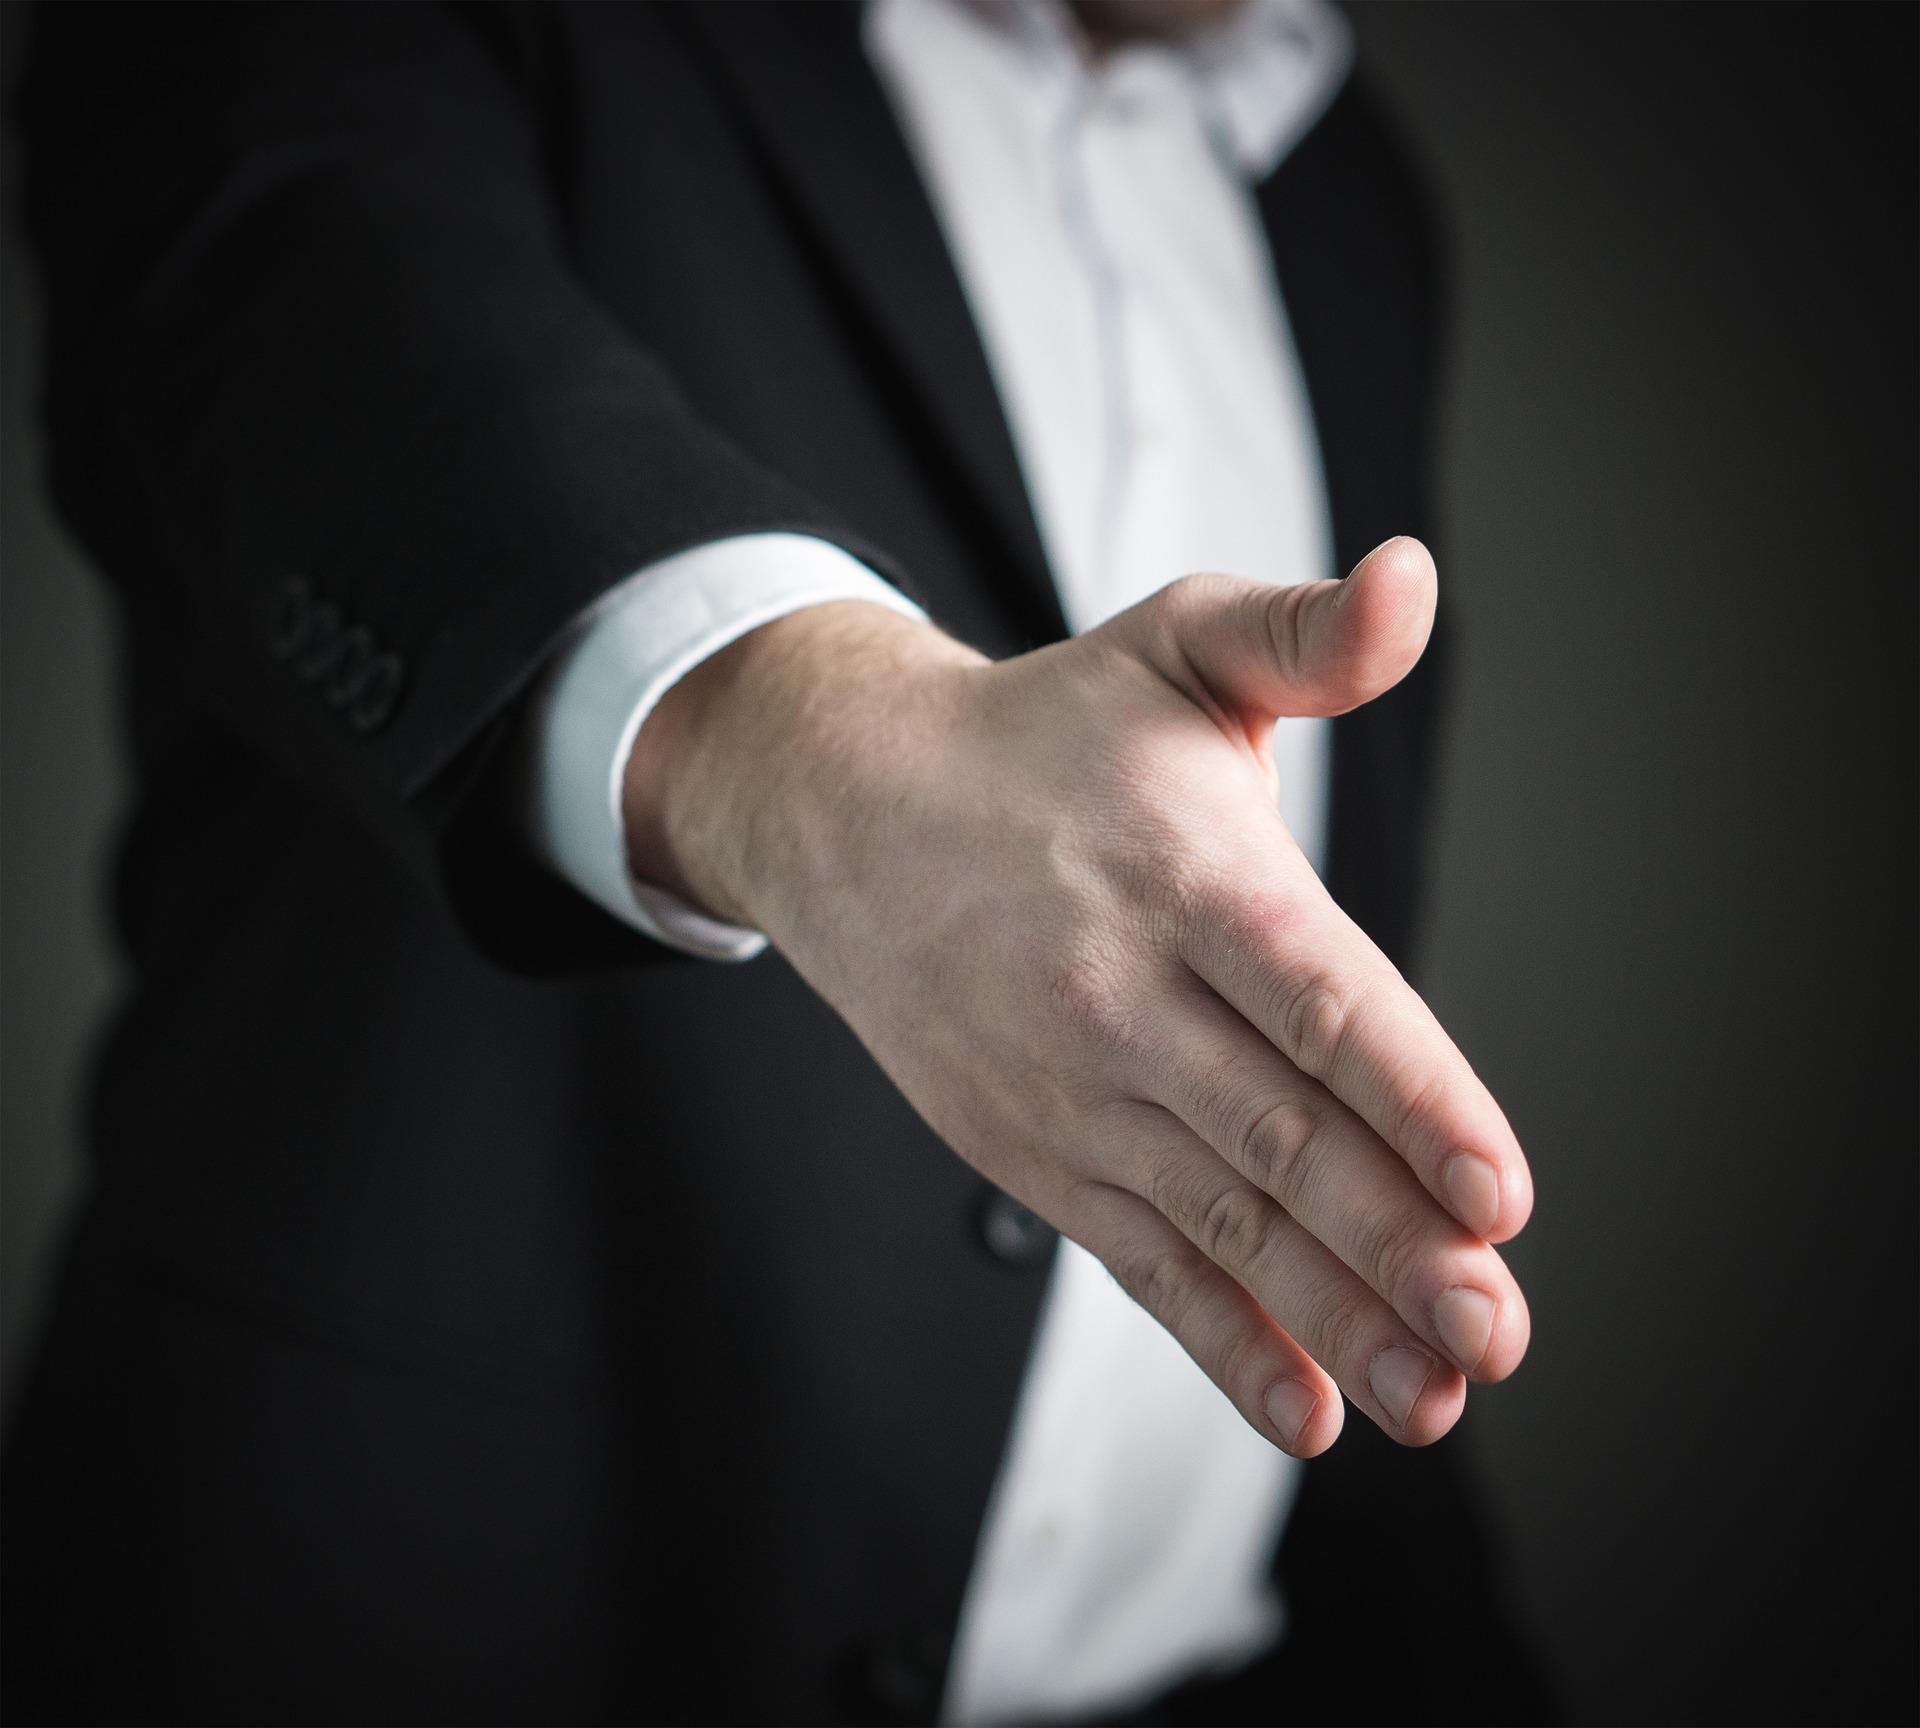 handshake-2056021_1920.jpg